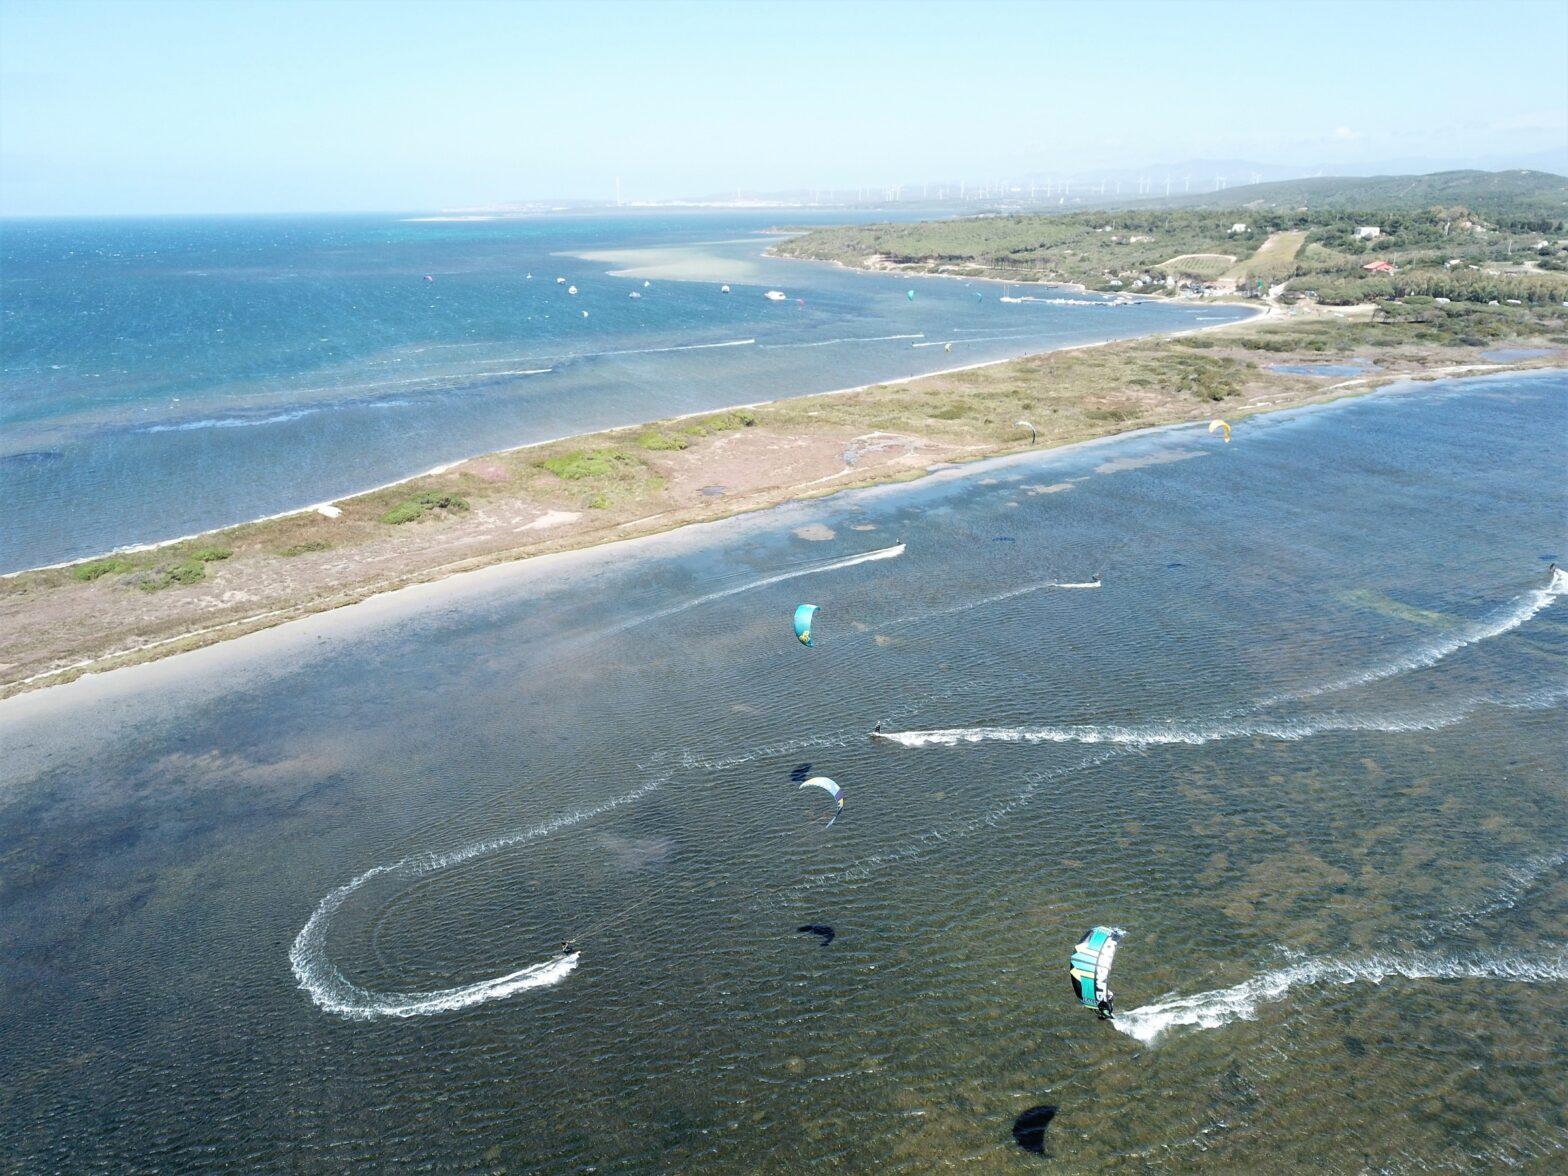 Punta Trettu, il miglior kite spot con acqua piatta e bassa perfetto per imparare il kitesurf